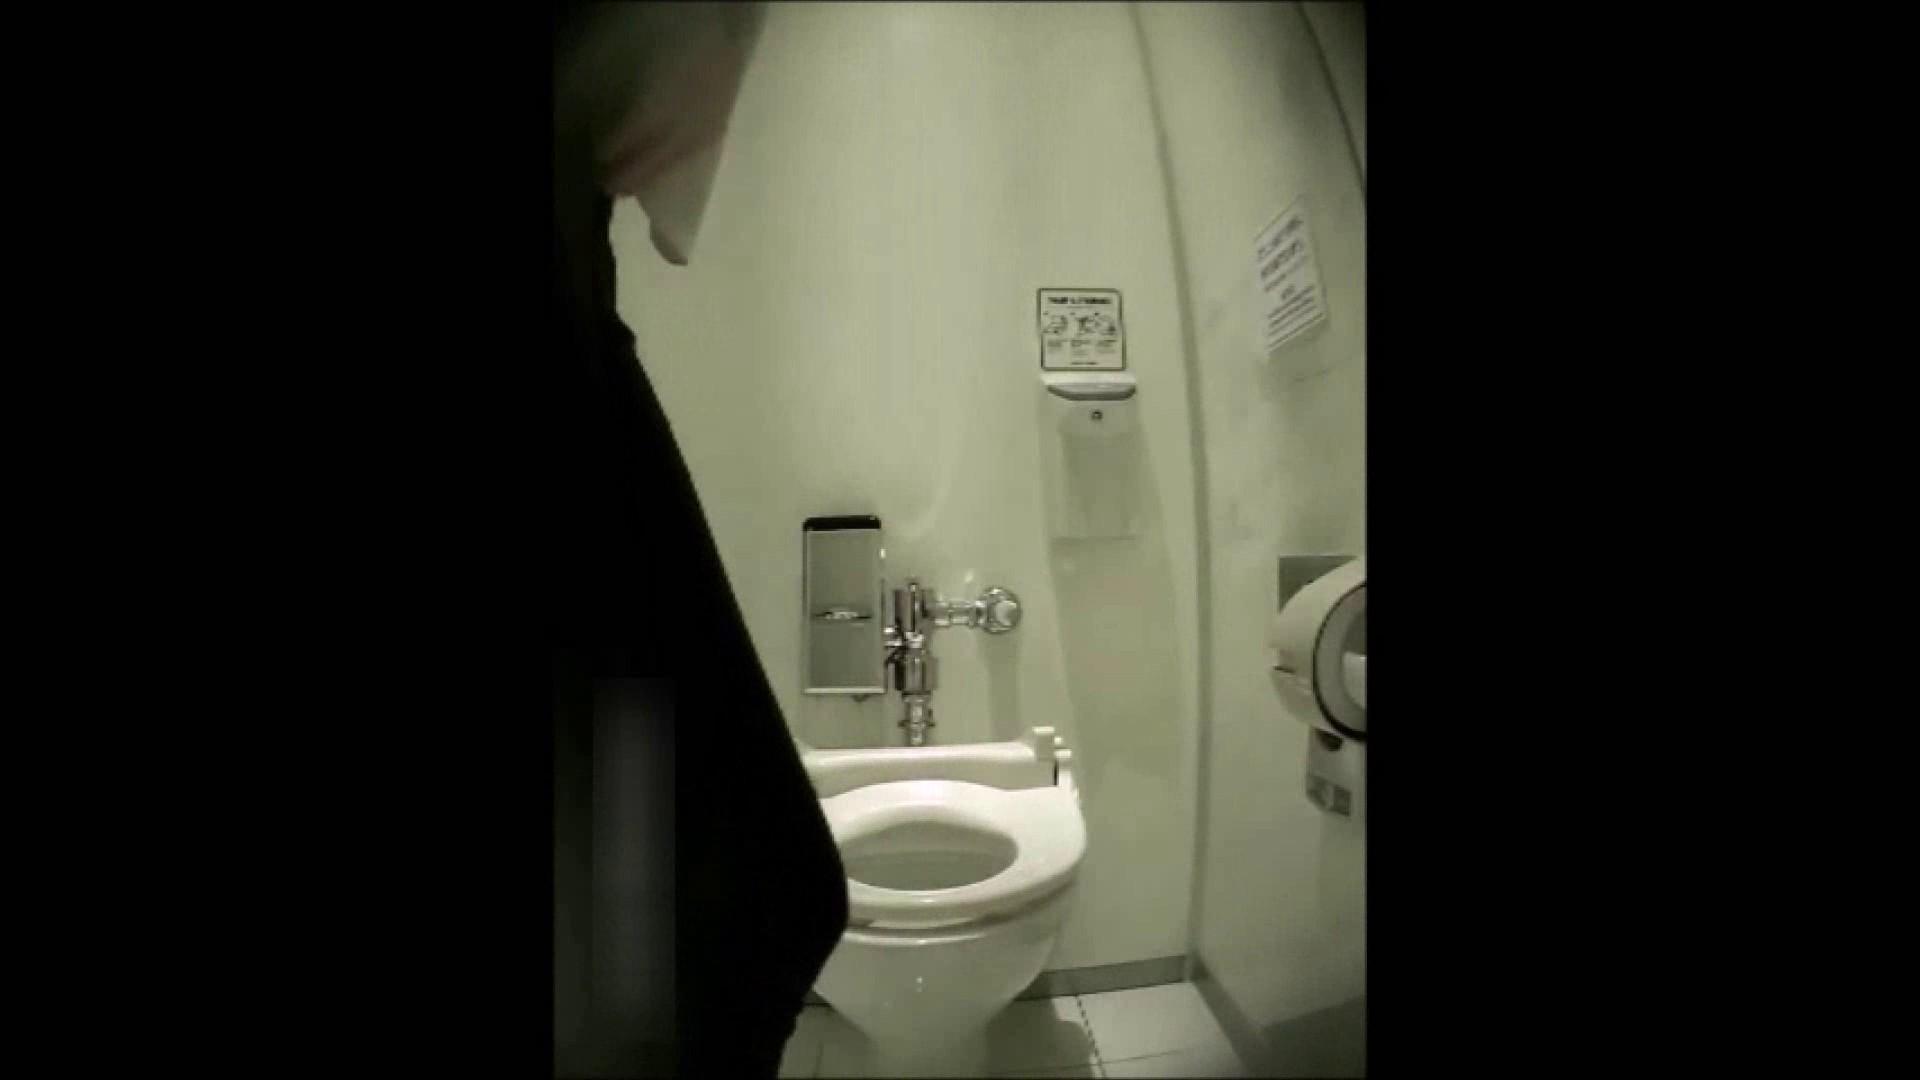 洗面所盗撮~隣の美人お姉さんVol.21 盗撮 | OLセックス  88画像 22